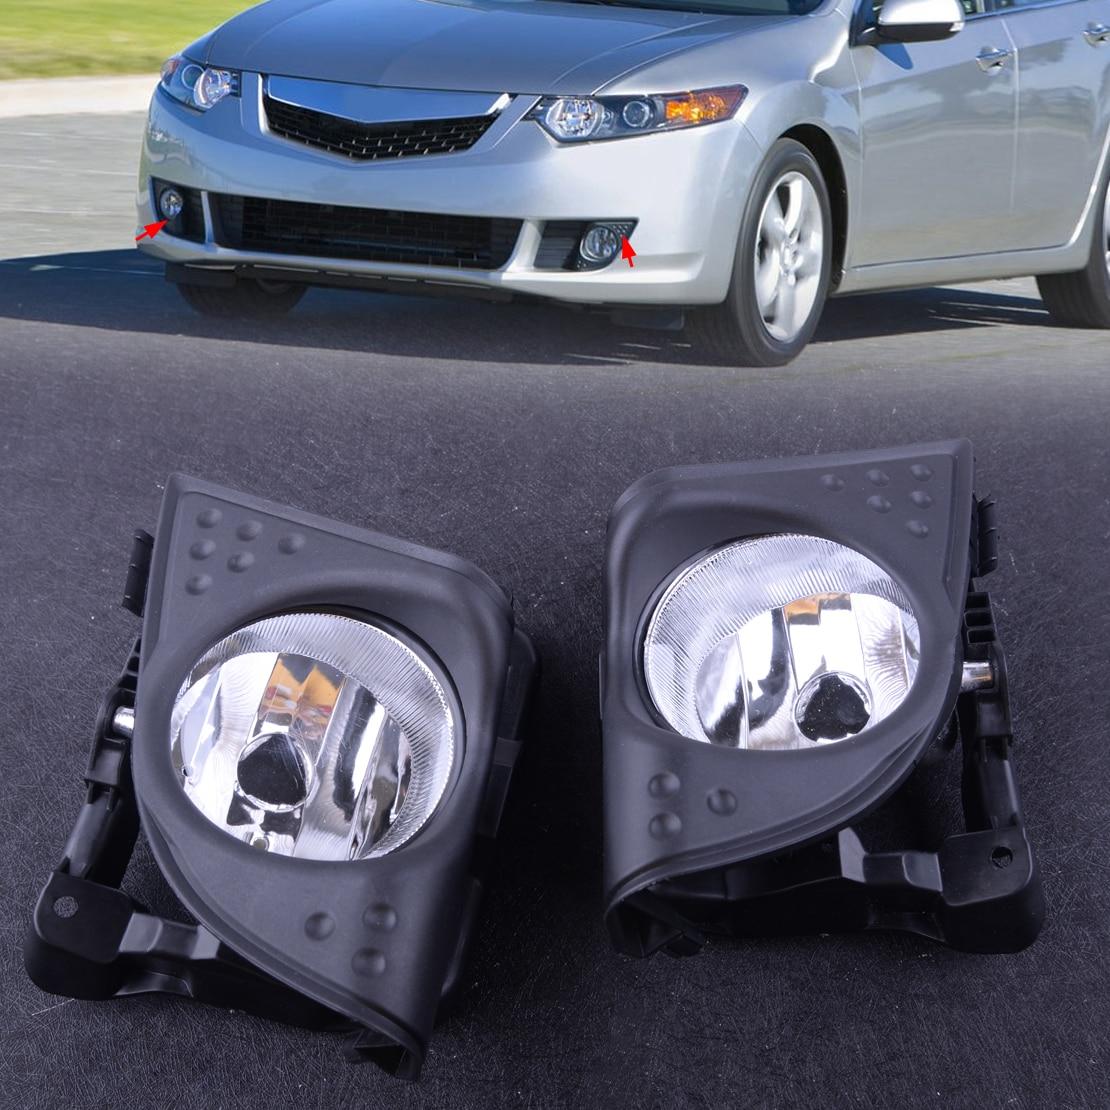 Beler 1 paire voiture gauche droite avant brouillard conduite lampe couvercle garniture cadre 33900TL0A01 33950TL0A01 Fit pour Acura TSX 2009 2010